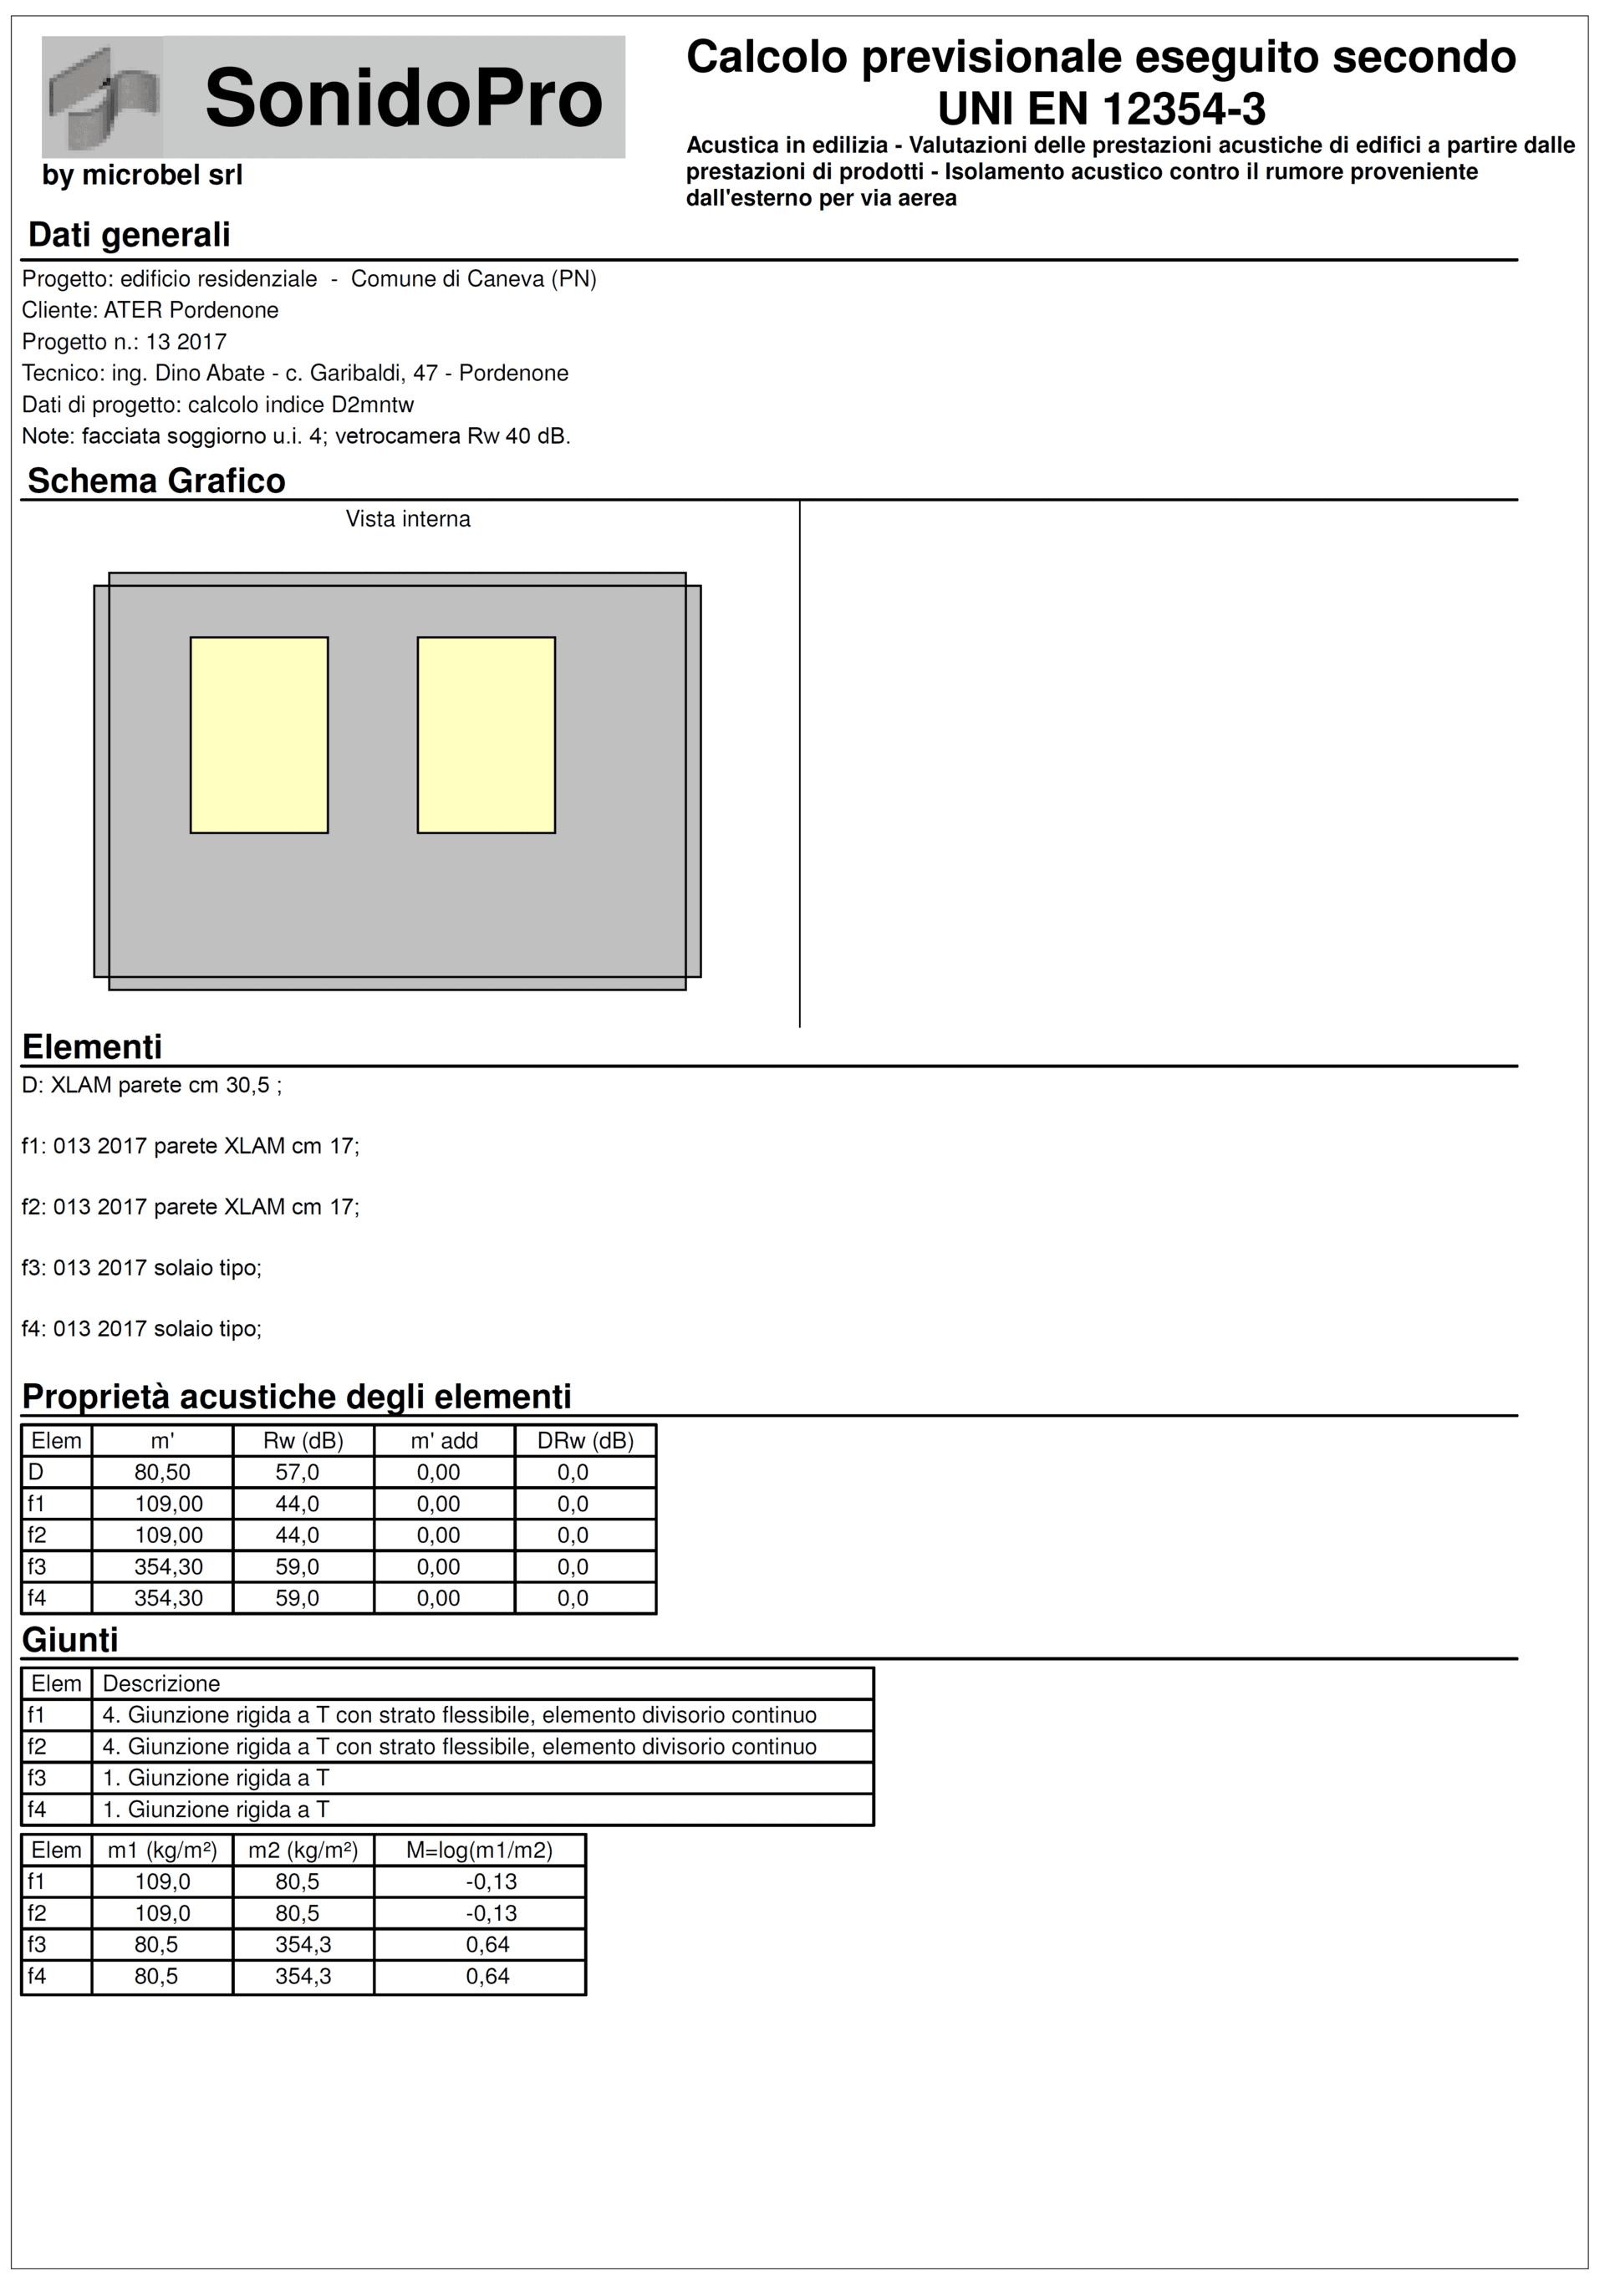 esempio di utilizzo del software Sonido